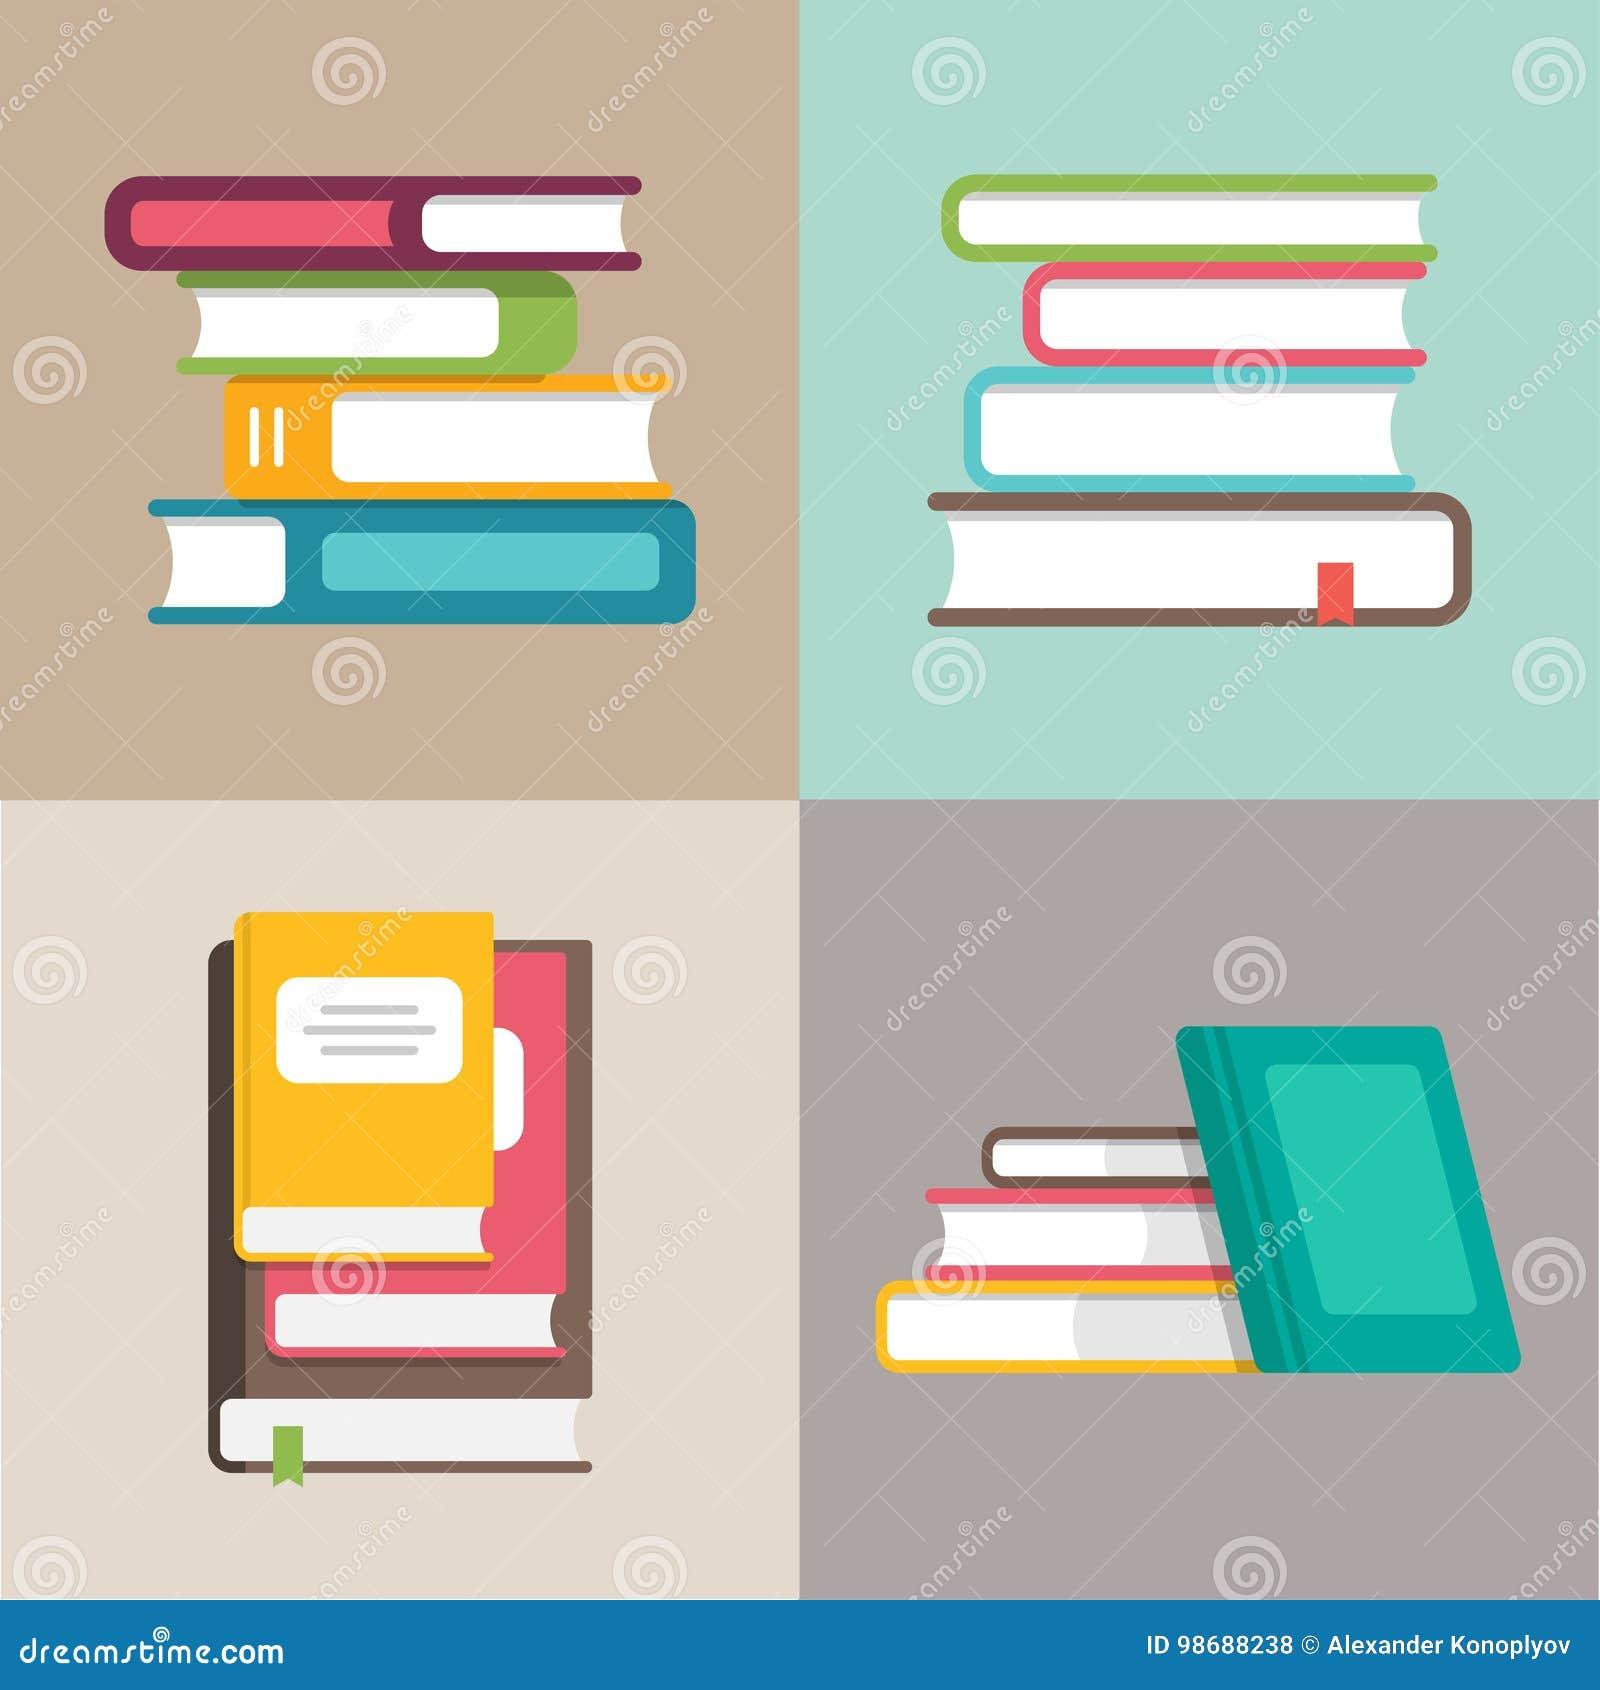 Stapel of stapel van boeken vectorpictogrammen in een vlakke stijl